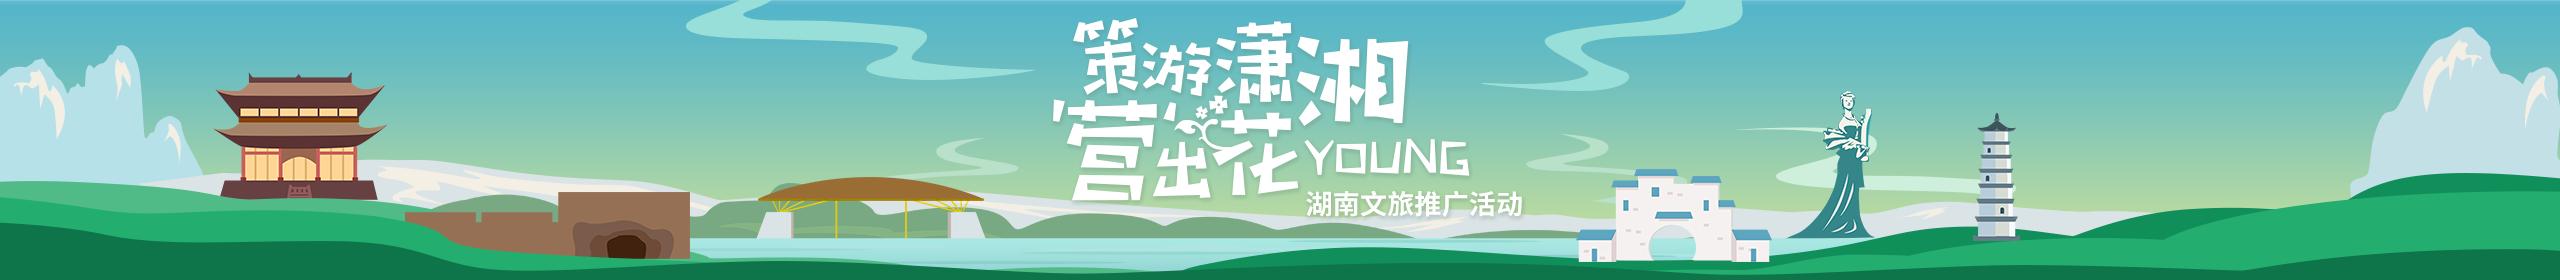 花YOUNG看新邵